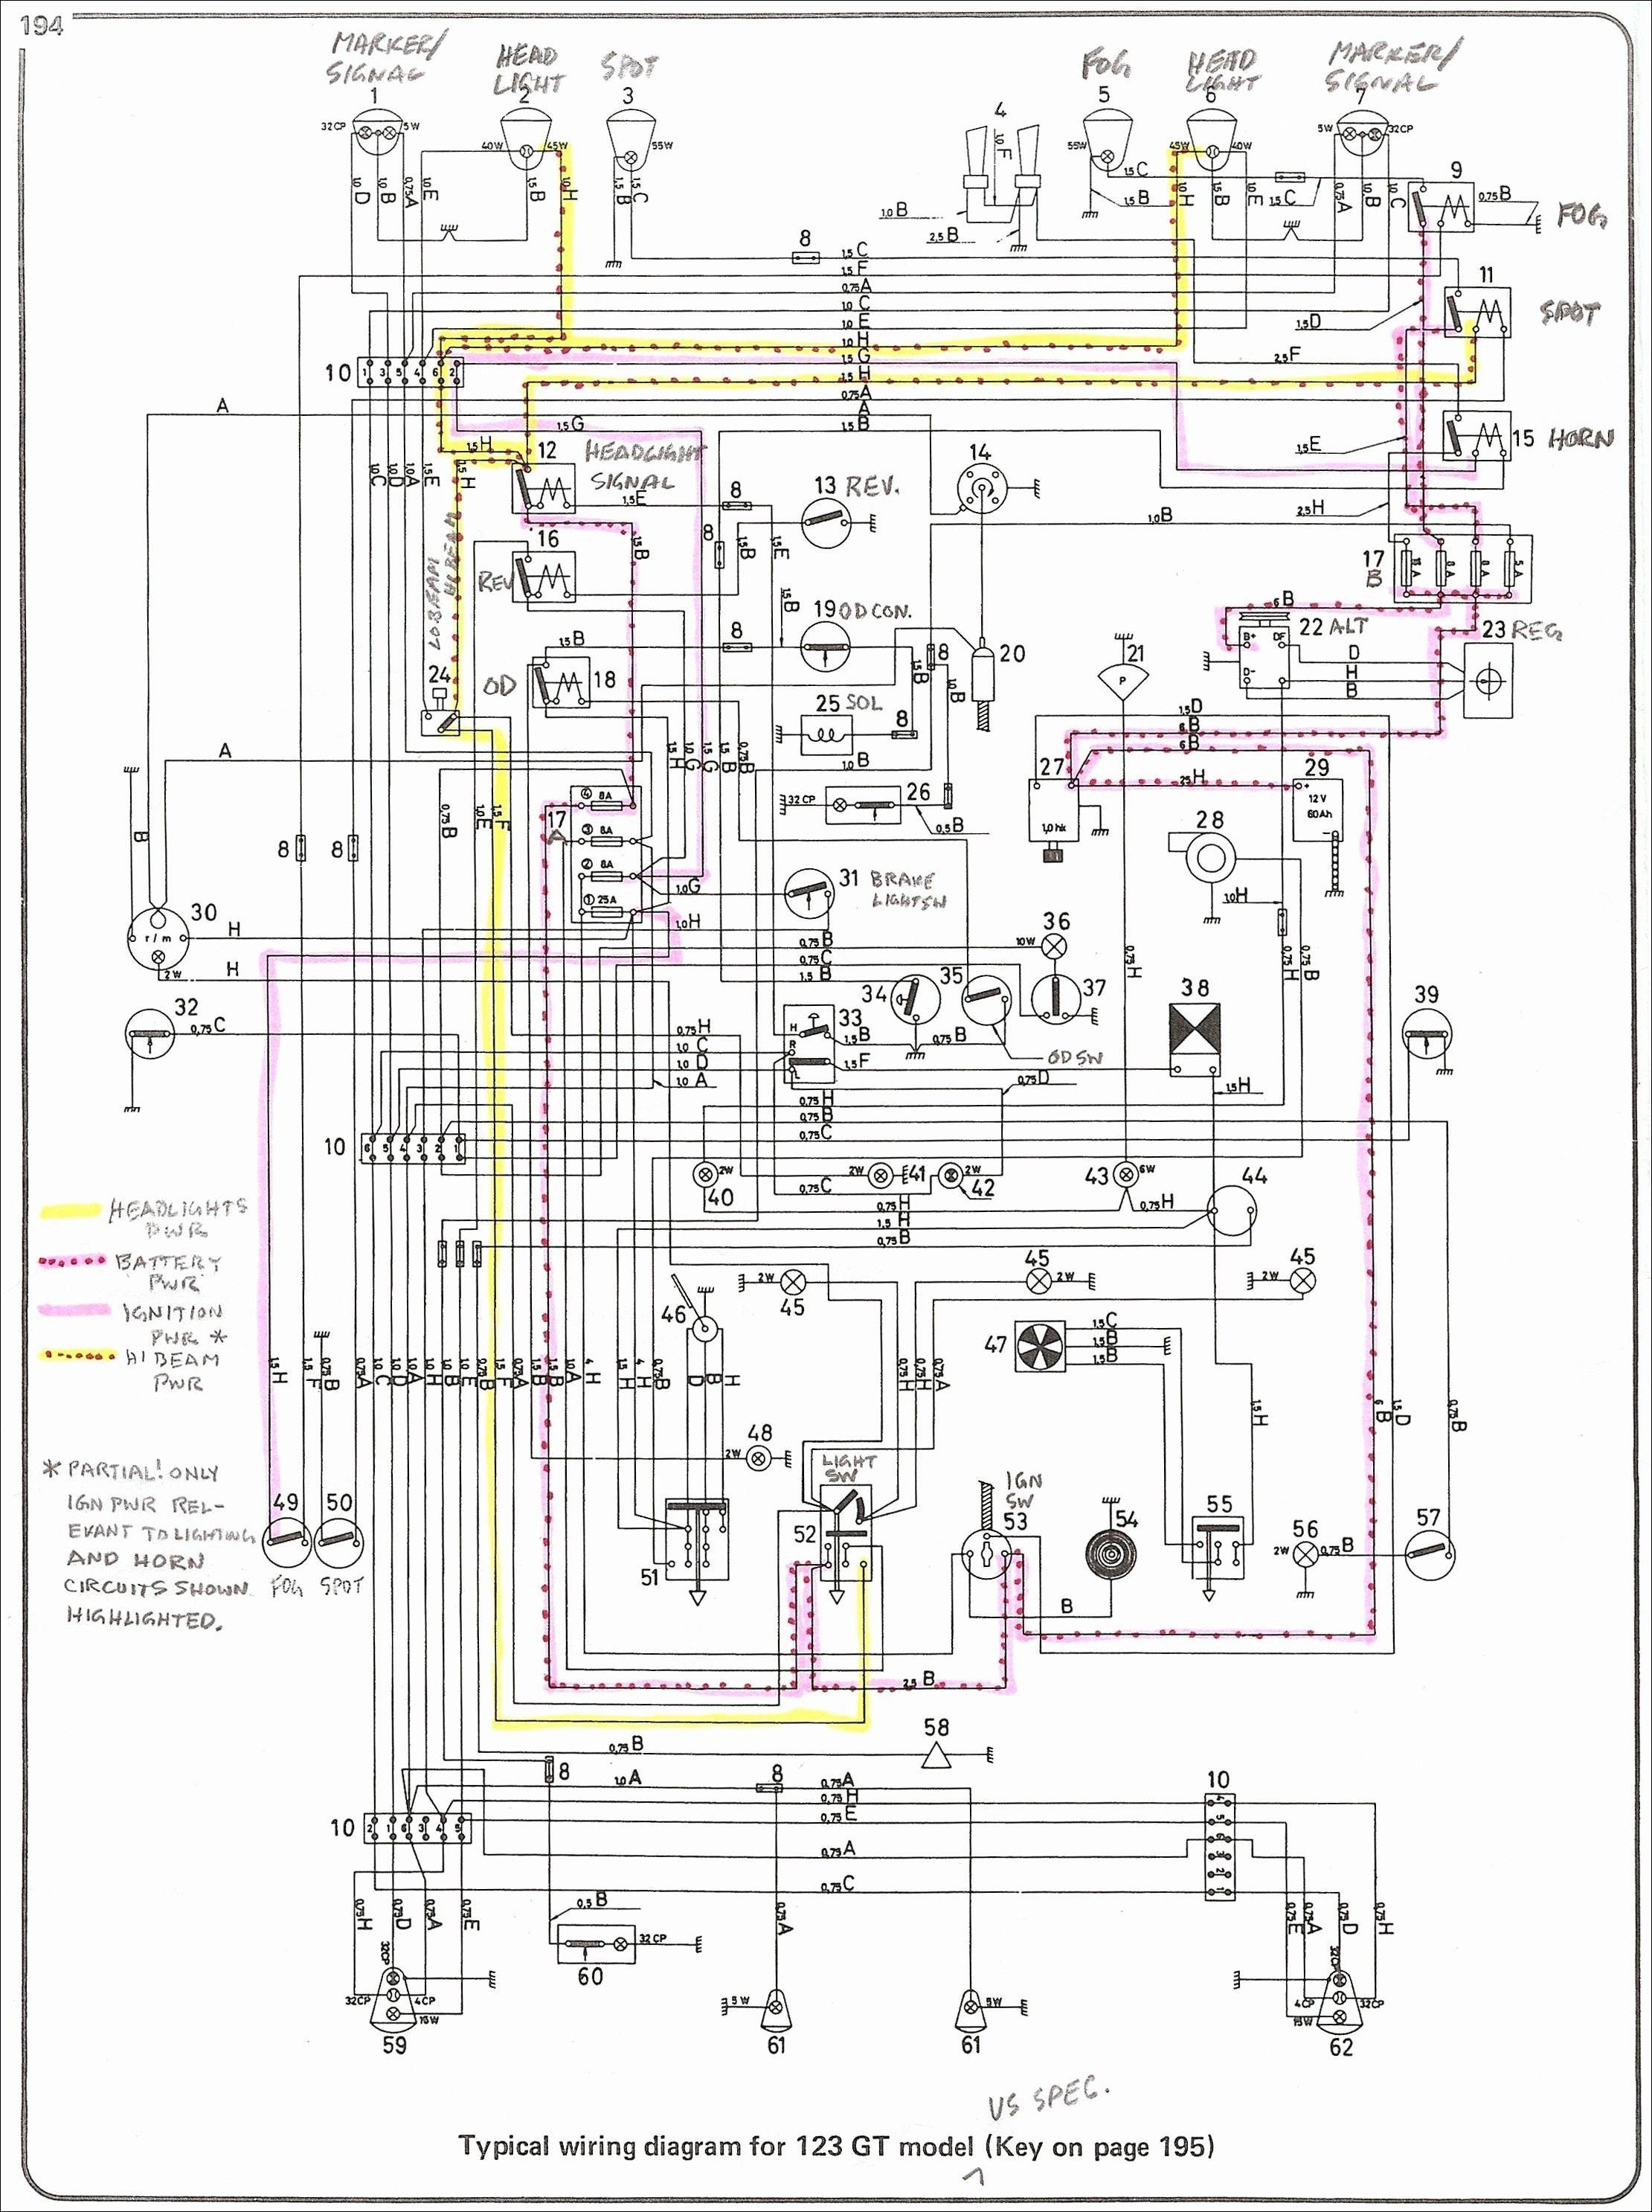 Snorkel 3284hd Wiring Diagram Best Of In 2020